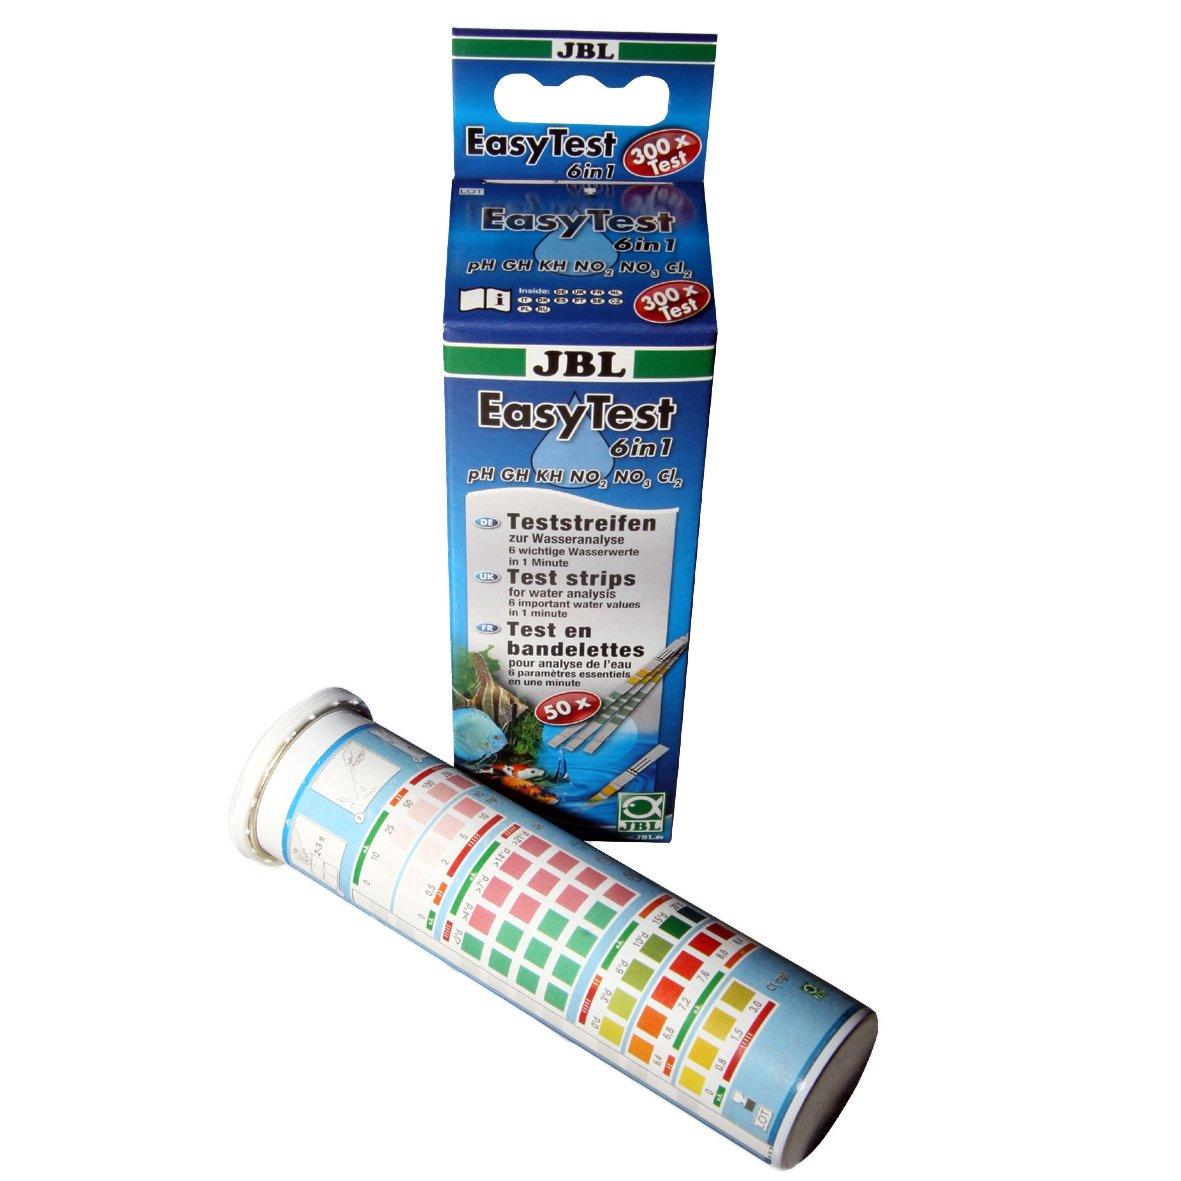 JBL EasyTest 6 en 1, Bandelettes de test pour l'analyse rapide de l'eau d'aquarium product image